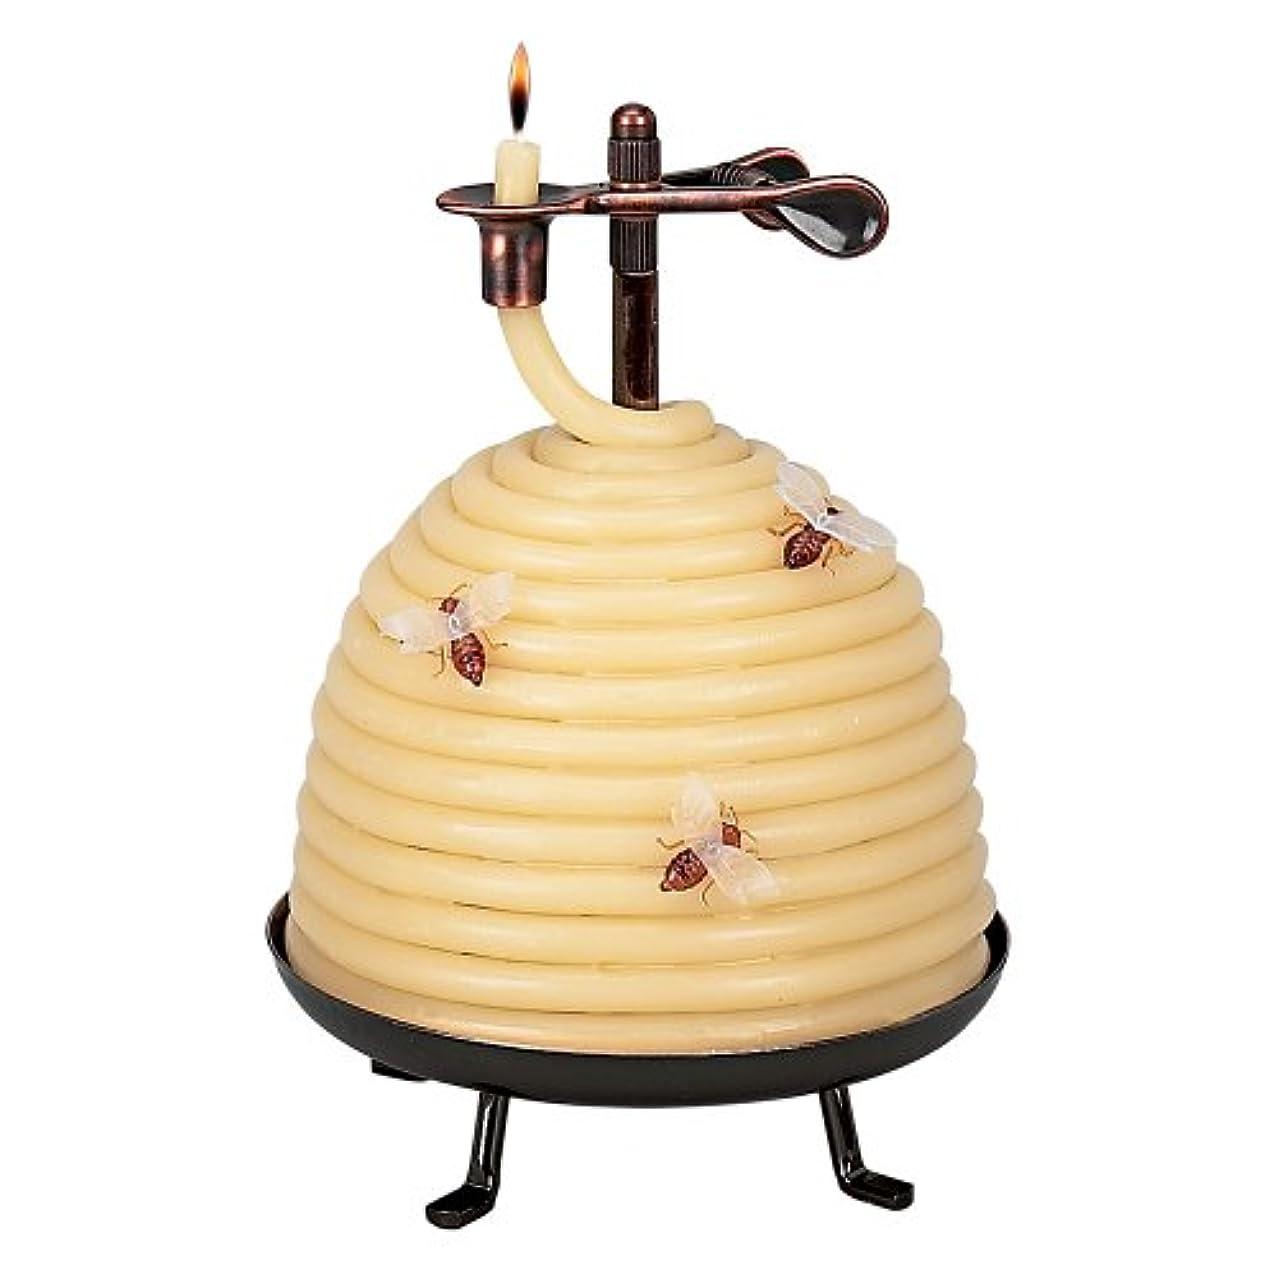 アニメーションみなさんスタンドCandle By The Hour 20641B 70 Hour Beehive Coil Candle